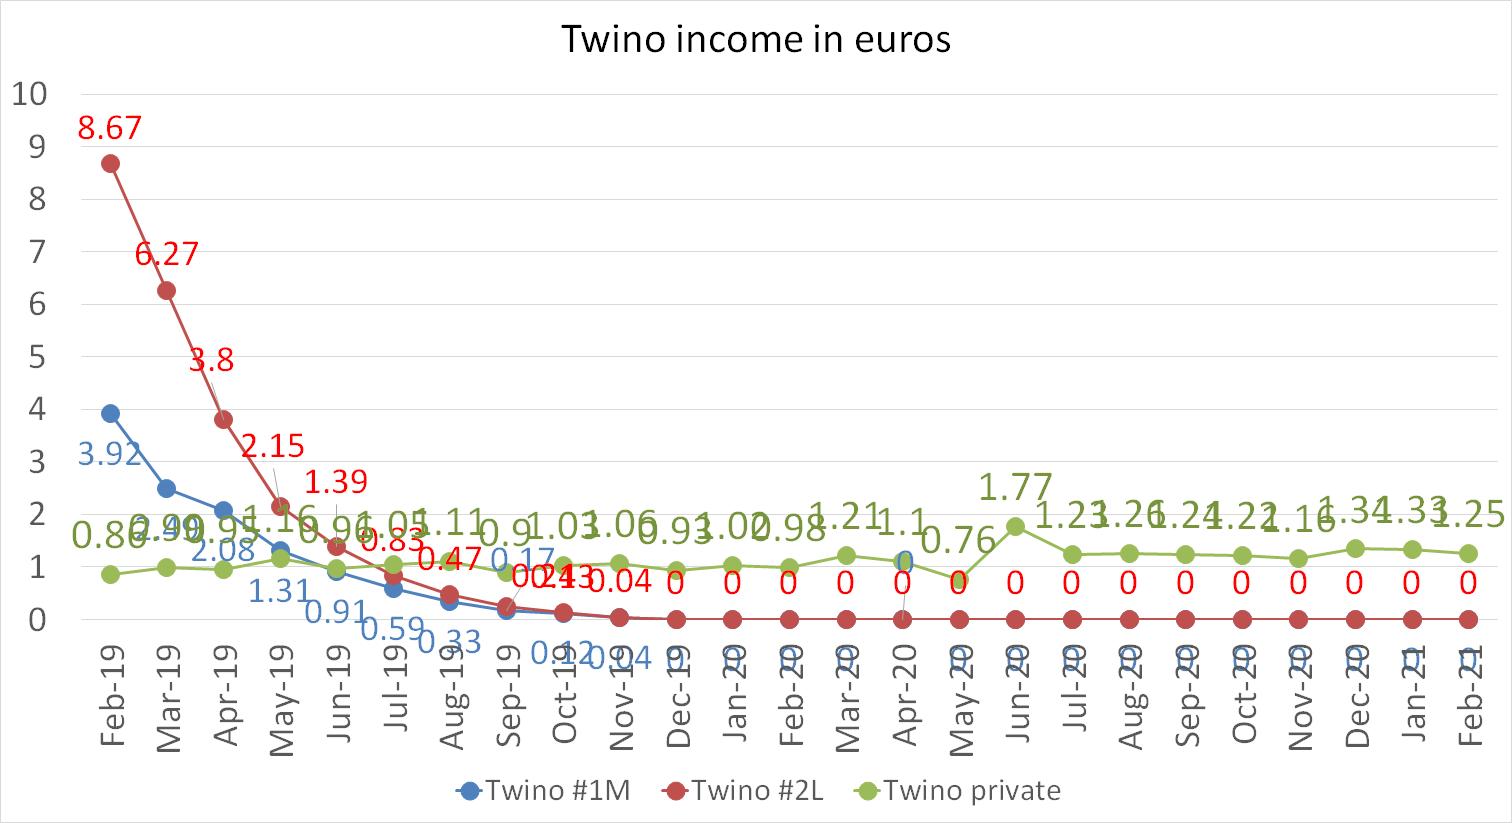 Twino income in february 2021